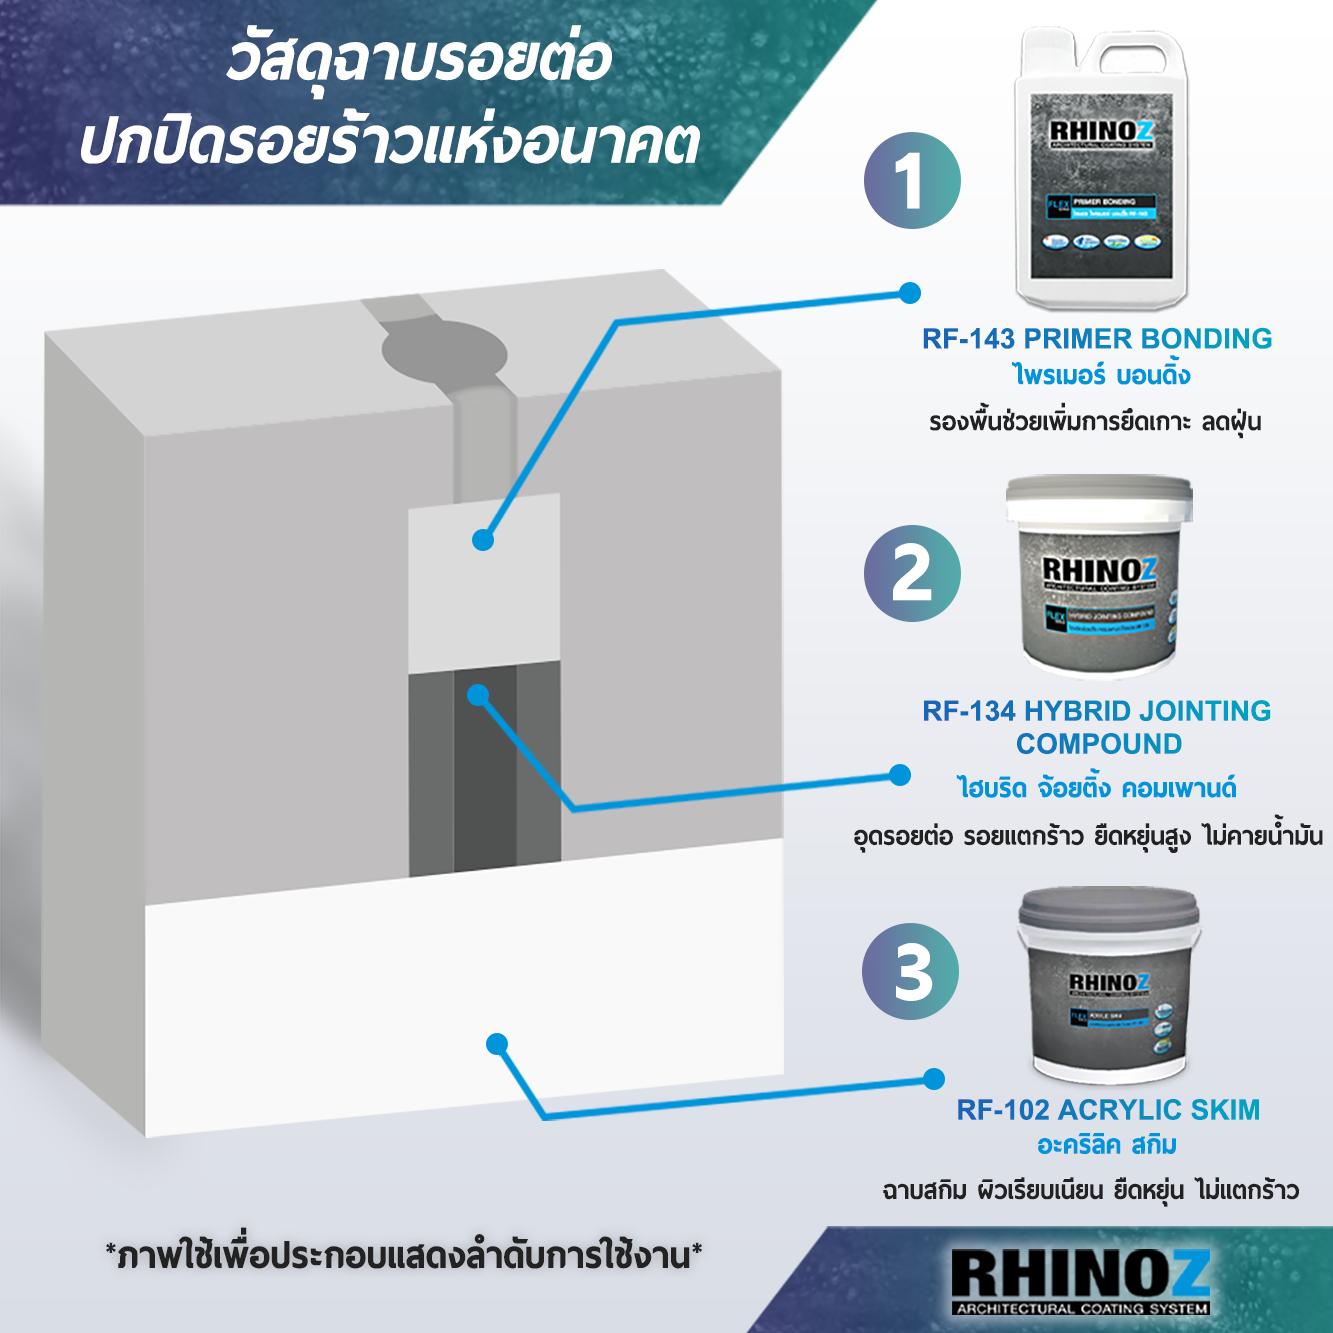 Bộ sản phẩm xử lý nứt tường RF134 thế hệ mới của Rhinoz Thái Lan